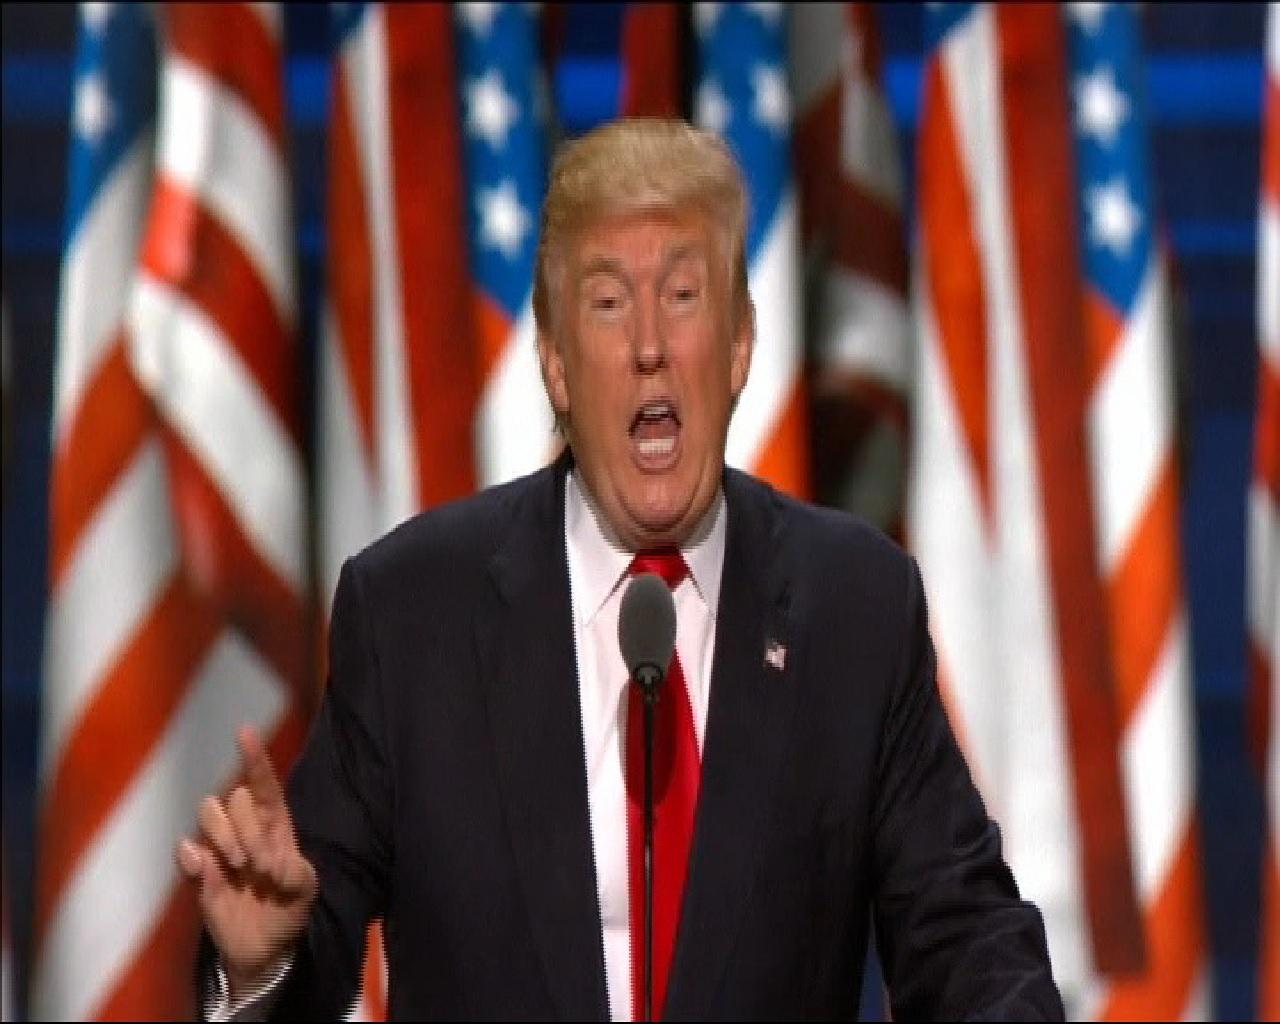 Trump+anuncia+la+deportaci%C3%B3+de+tres+milions+d%27immigrants